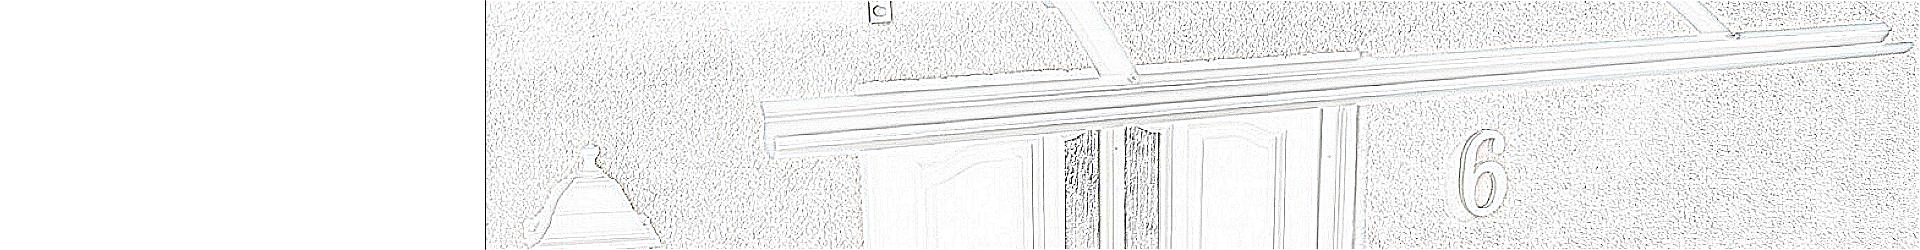 Vchodové stříšky